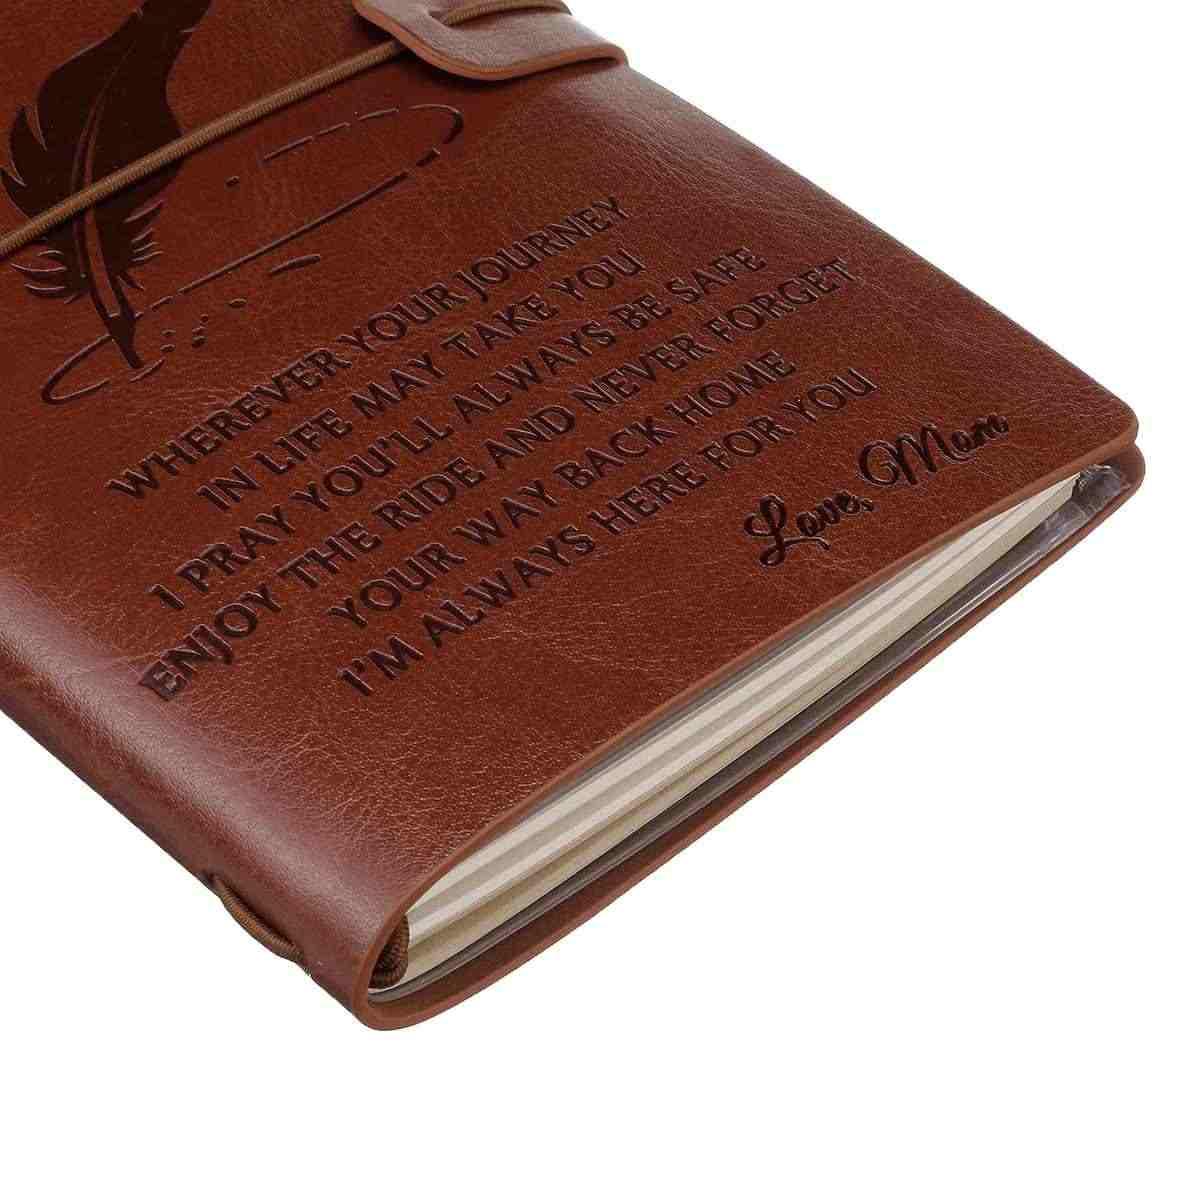 4 أنواع محفورة دفتر يوميات من الجلد يوميات إلى ابنة/الابن/بلدي رجل/زوجة محفورة دفتر مذكرات 20x12 سنتيمتر جديد